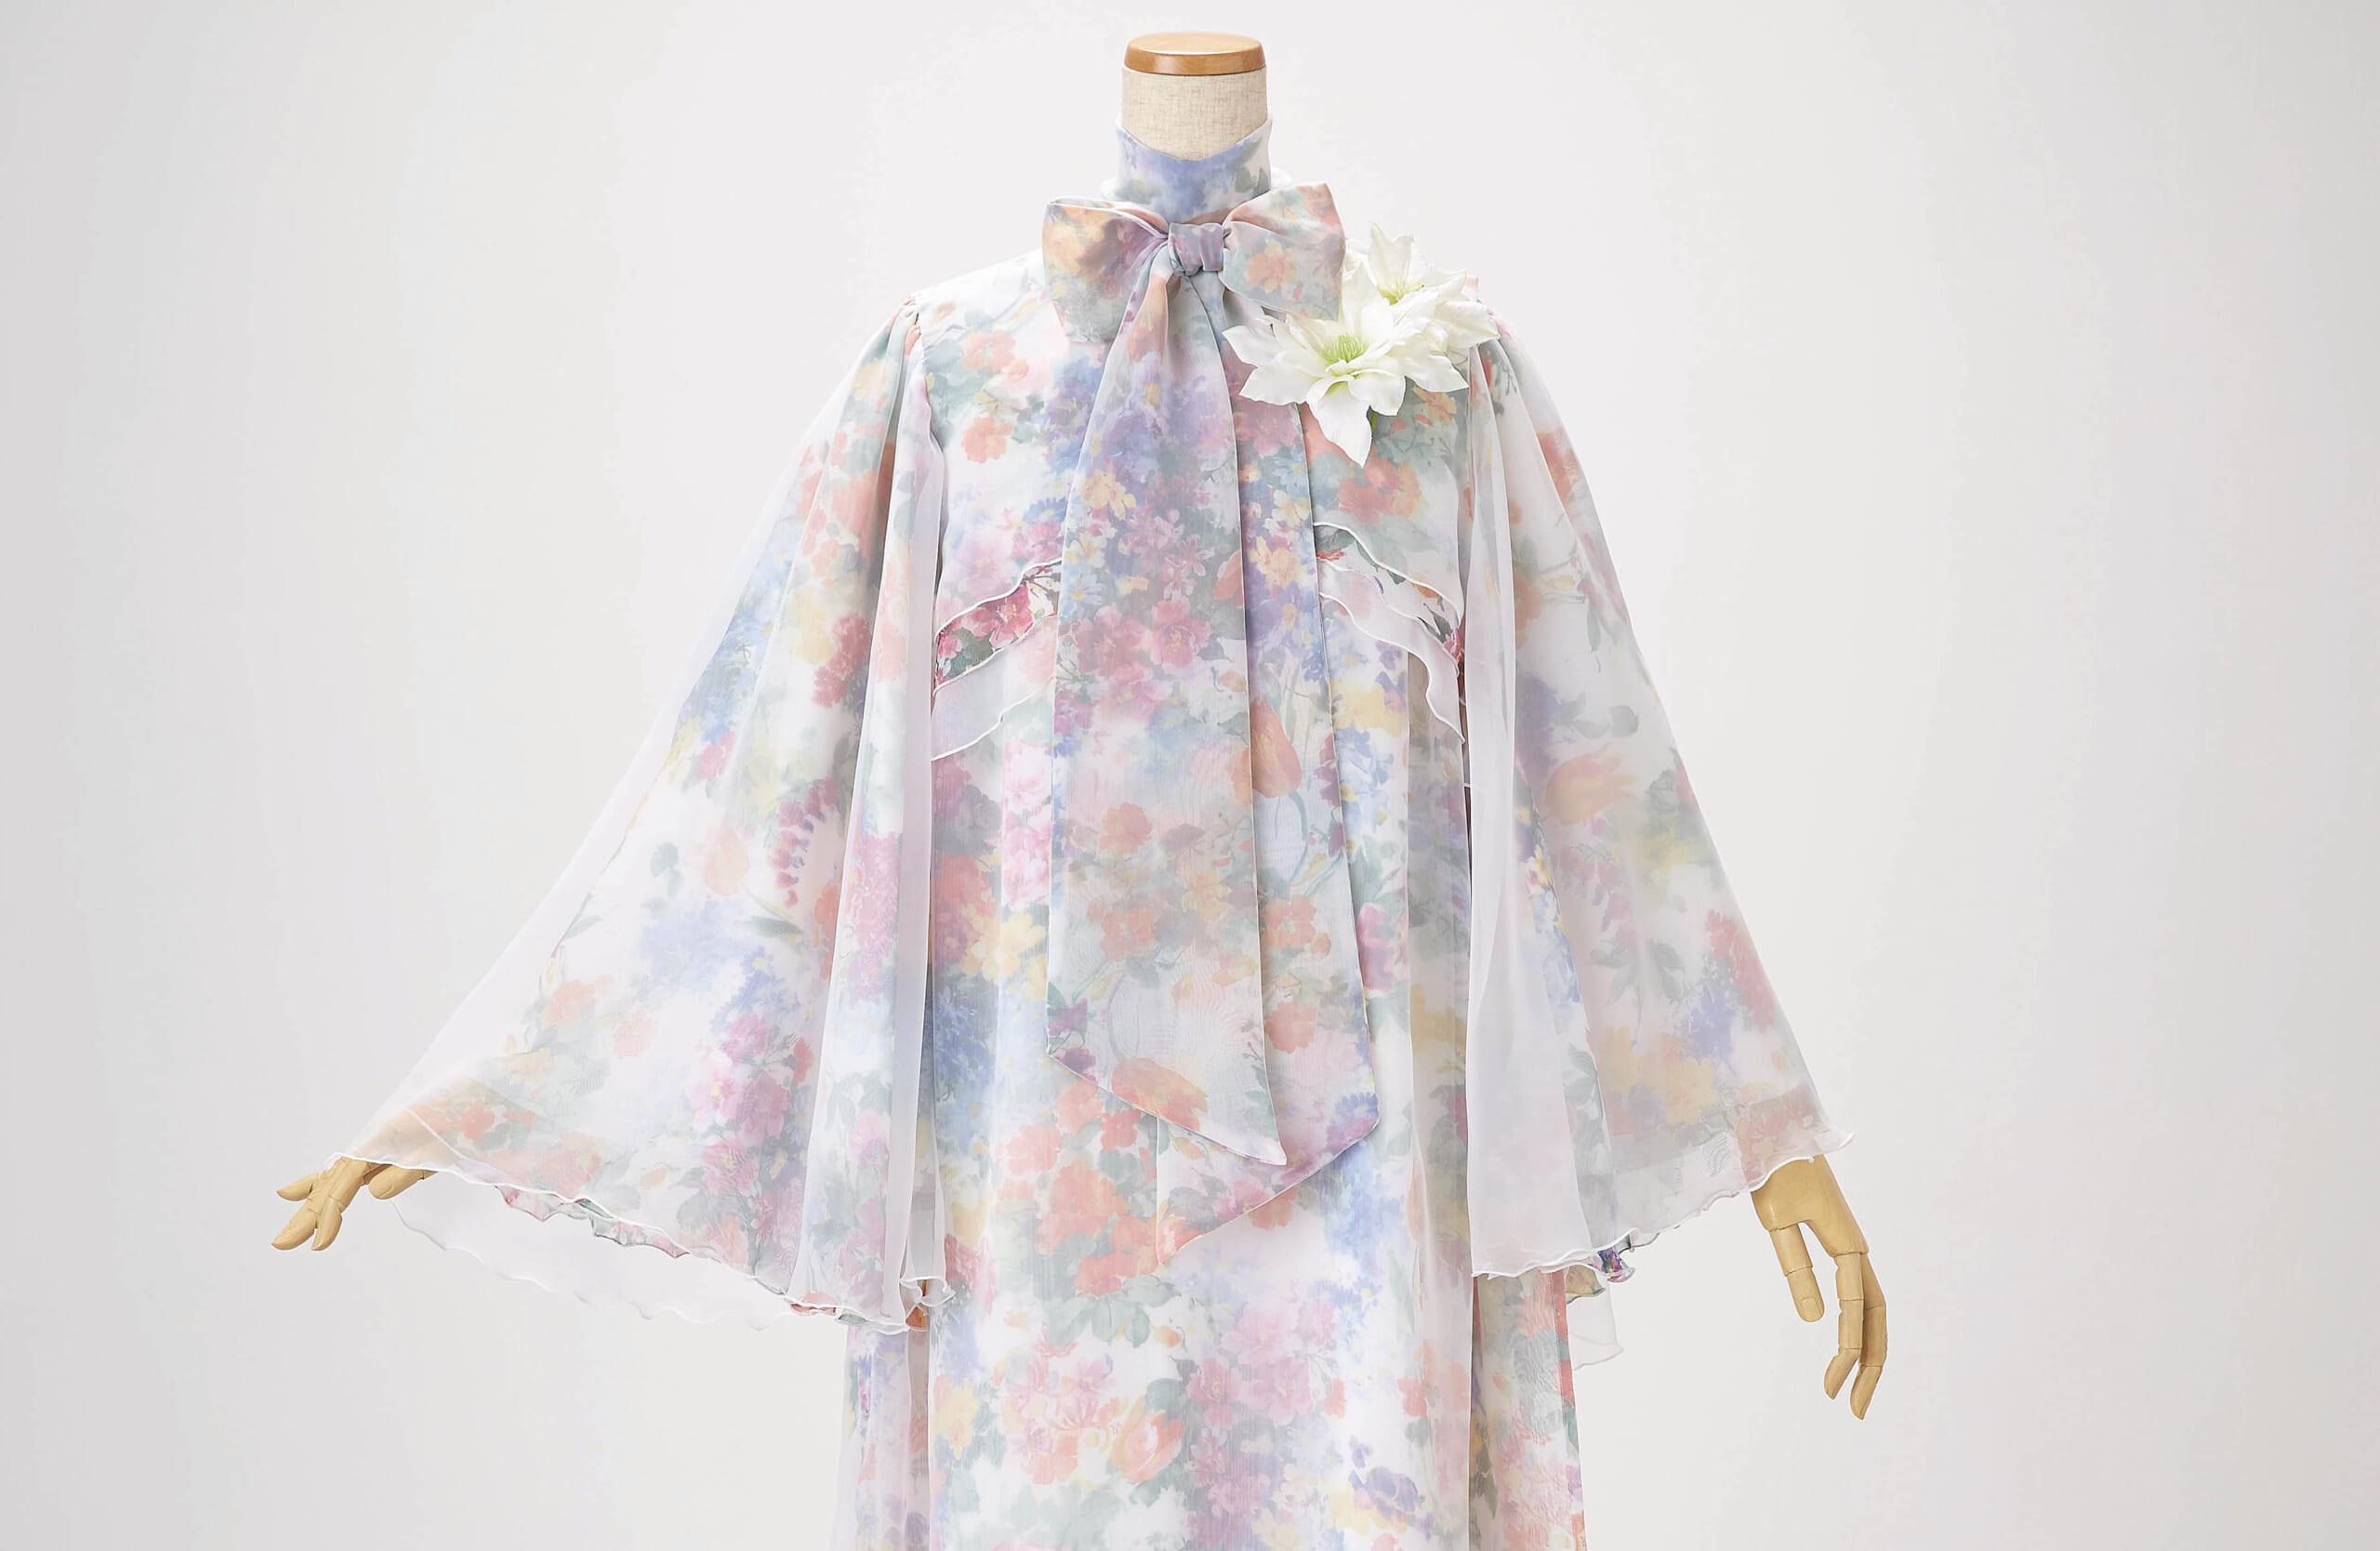 「ウエディングドレスではなくエンディングドレス」デザイナー社長が辿り着いた「おみおくりの正装」 株式会社ルーナ(中野雅子さん)